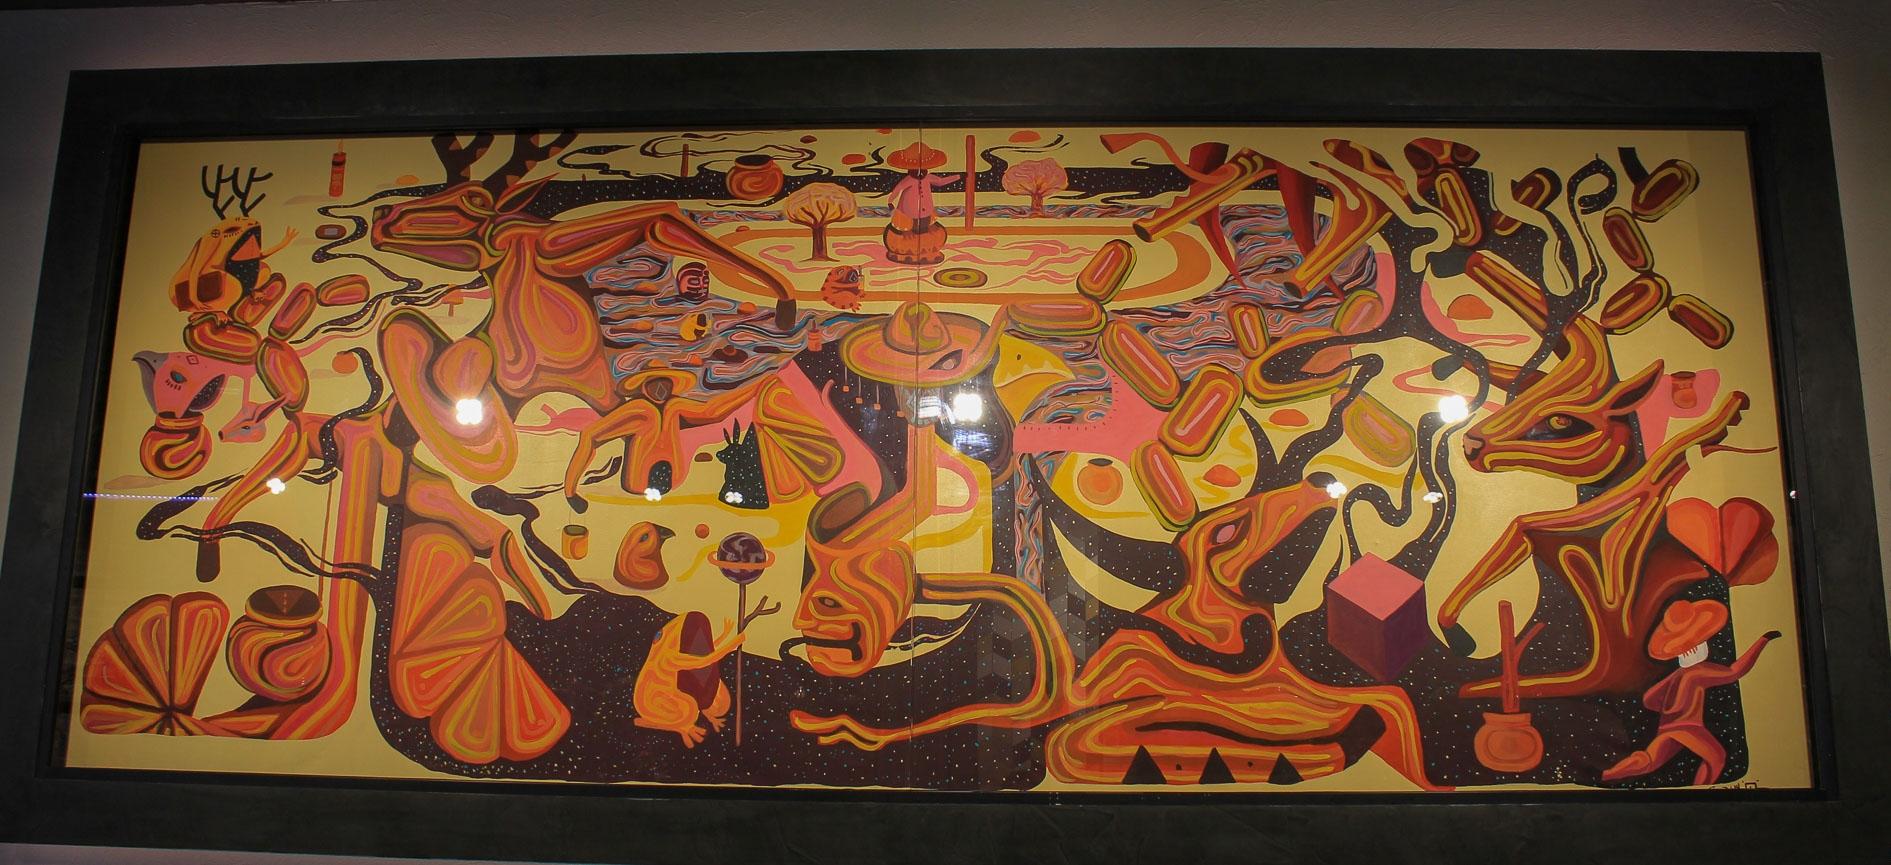 Chermside Sanes Mexican Art collection arto studio